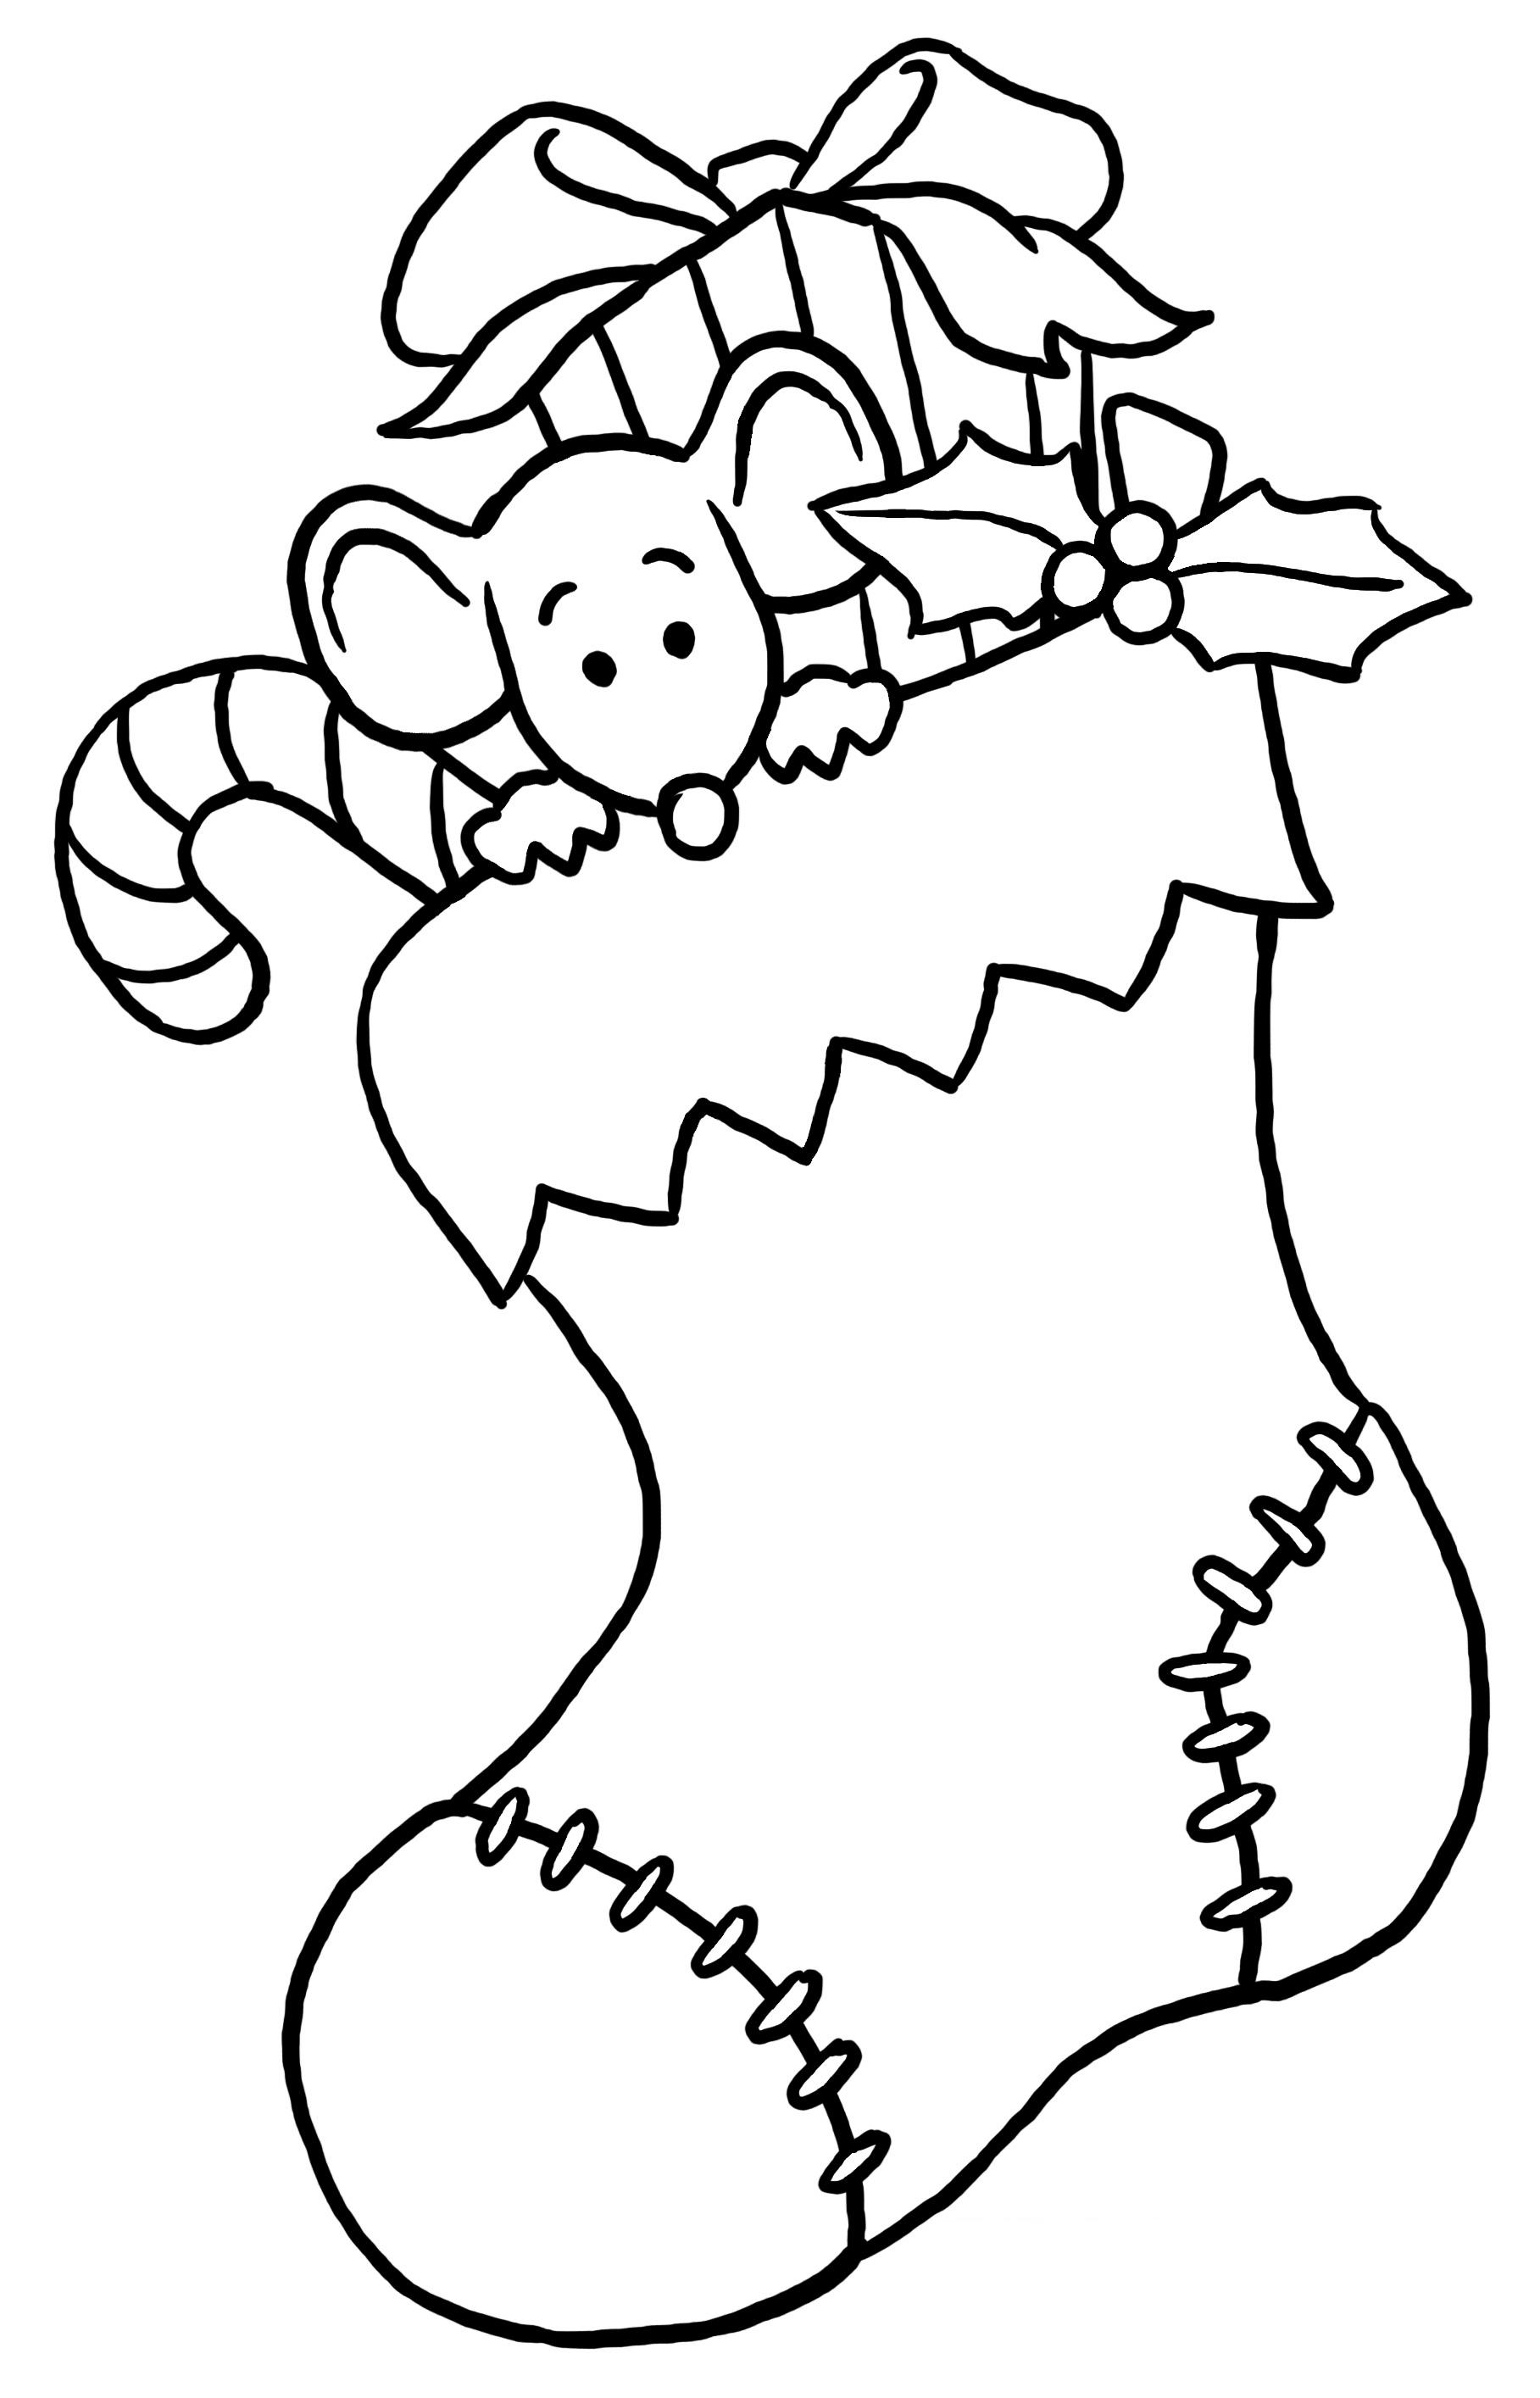 Christmas Mouse In Stocking Large Size Weihnachtsmalvorlagen Ausmalbilder Weihnachten Weihnachten Zeichnung